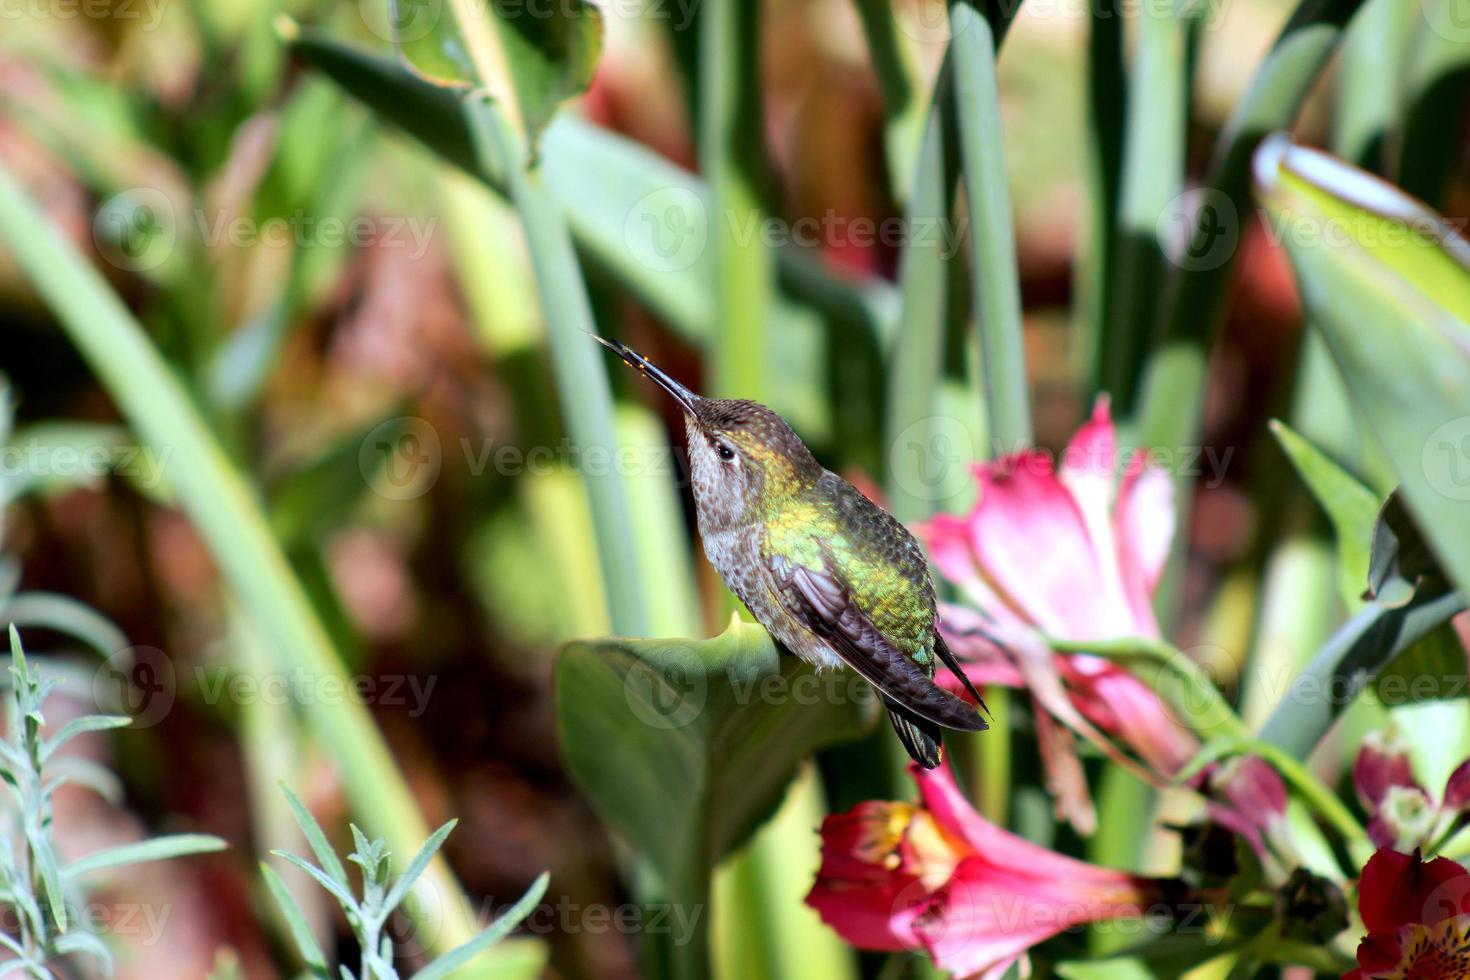 colibrì con la lingua sporgente. foto